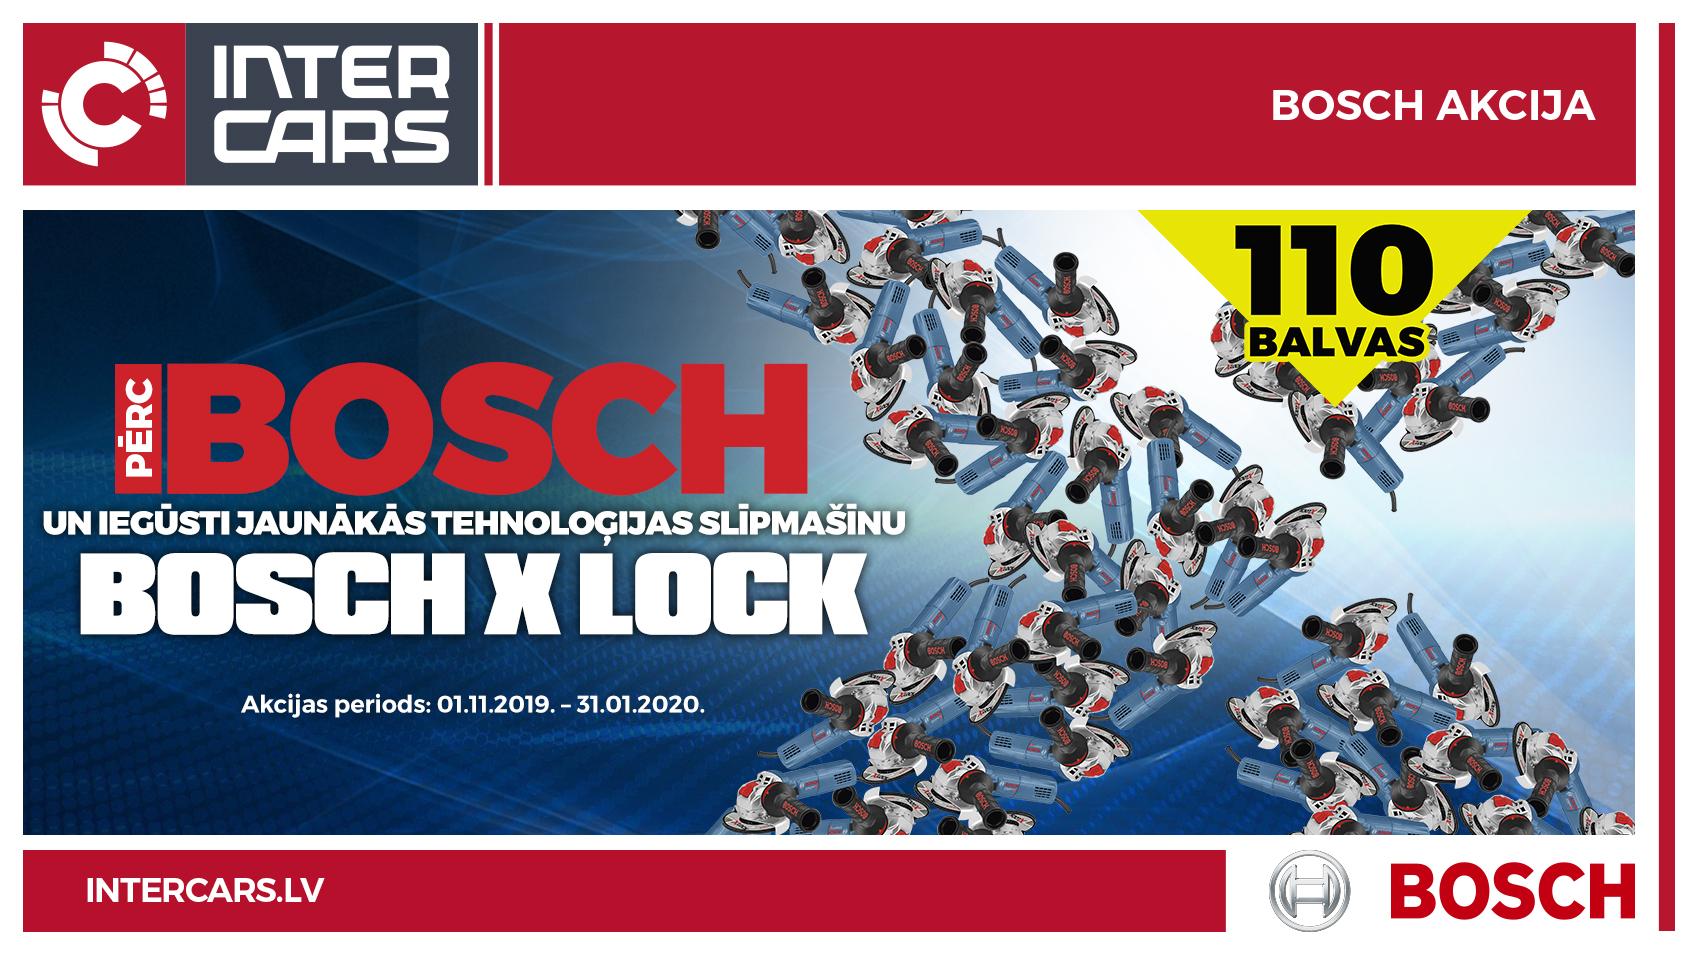 bosch-akcija-nov2019screen.jpg